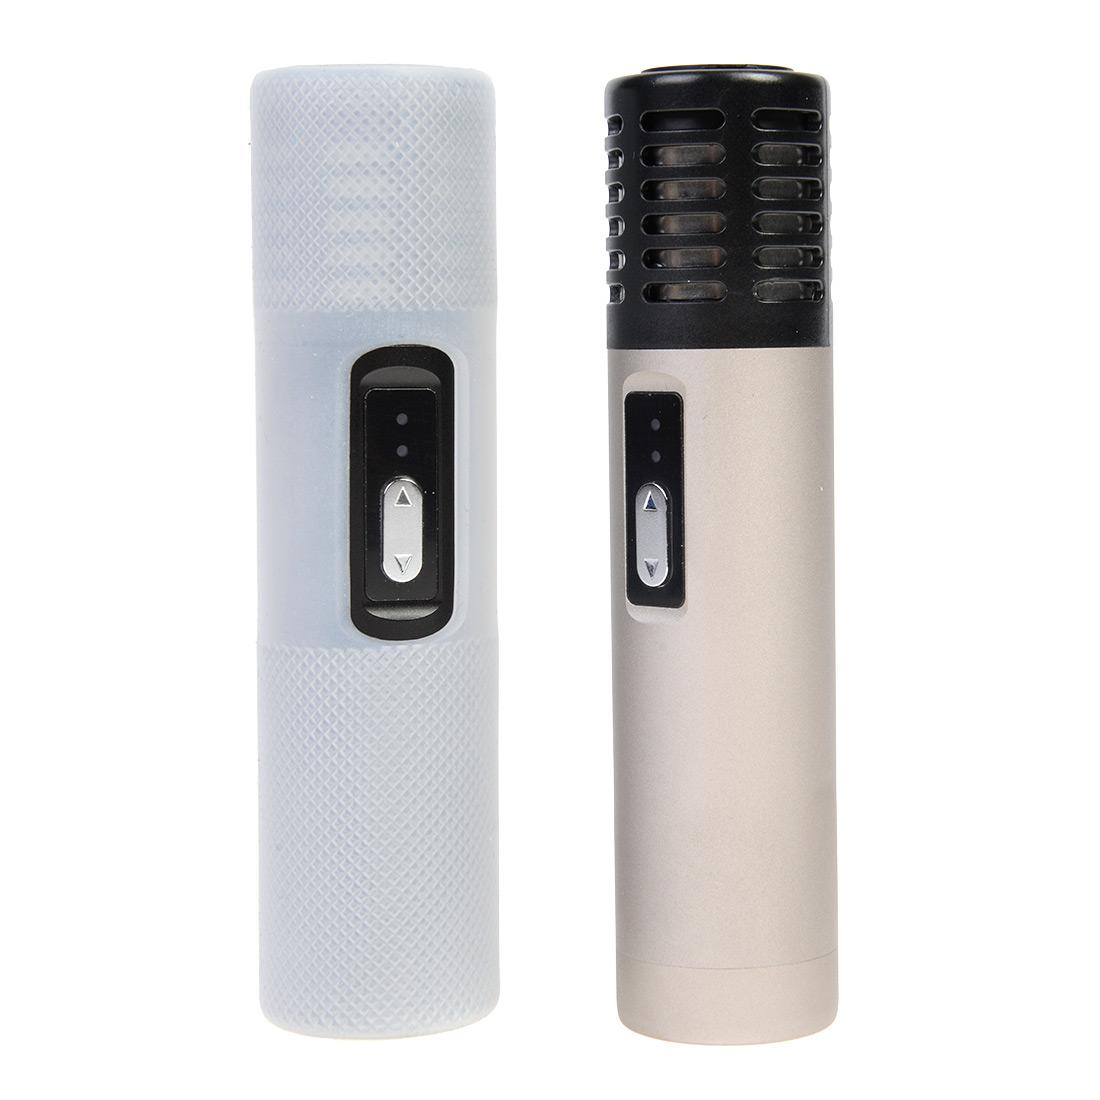 vaporisateur arizer air